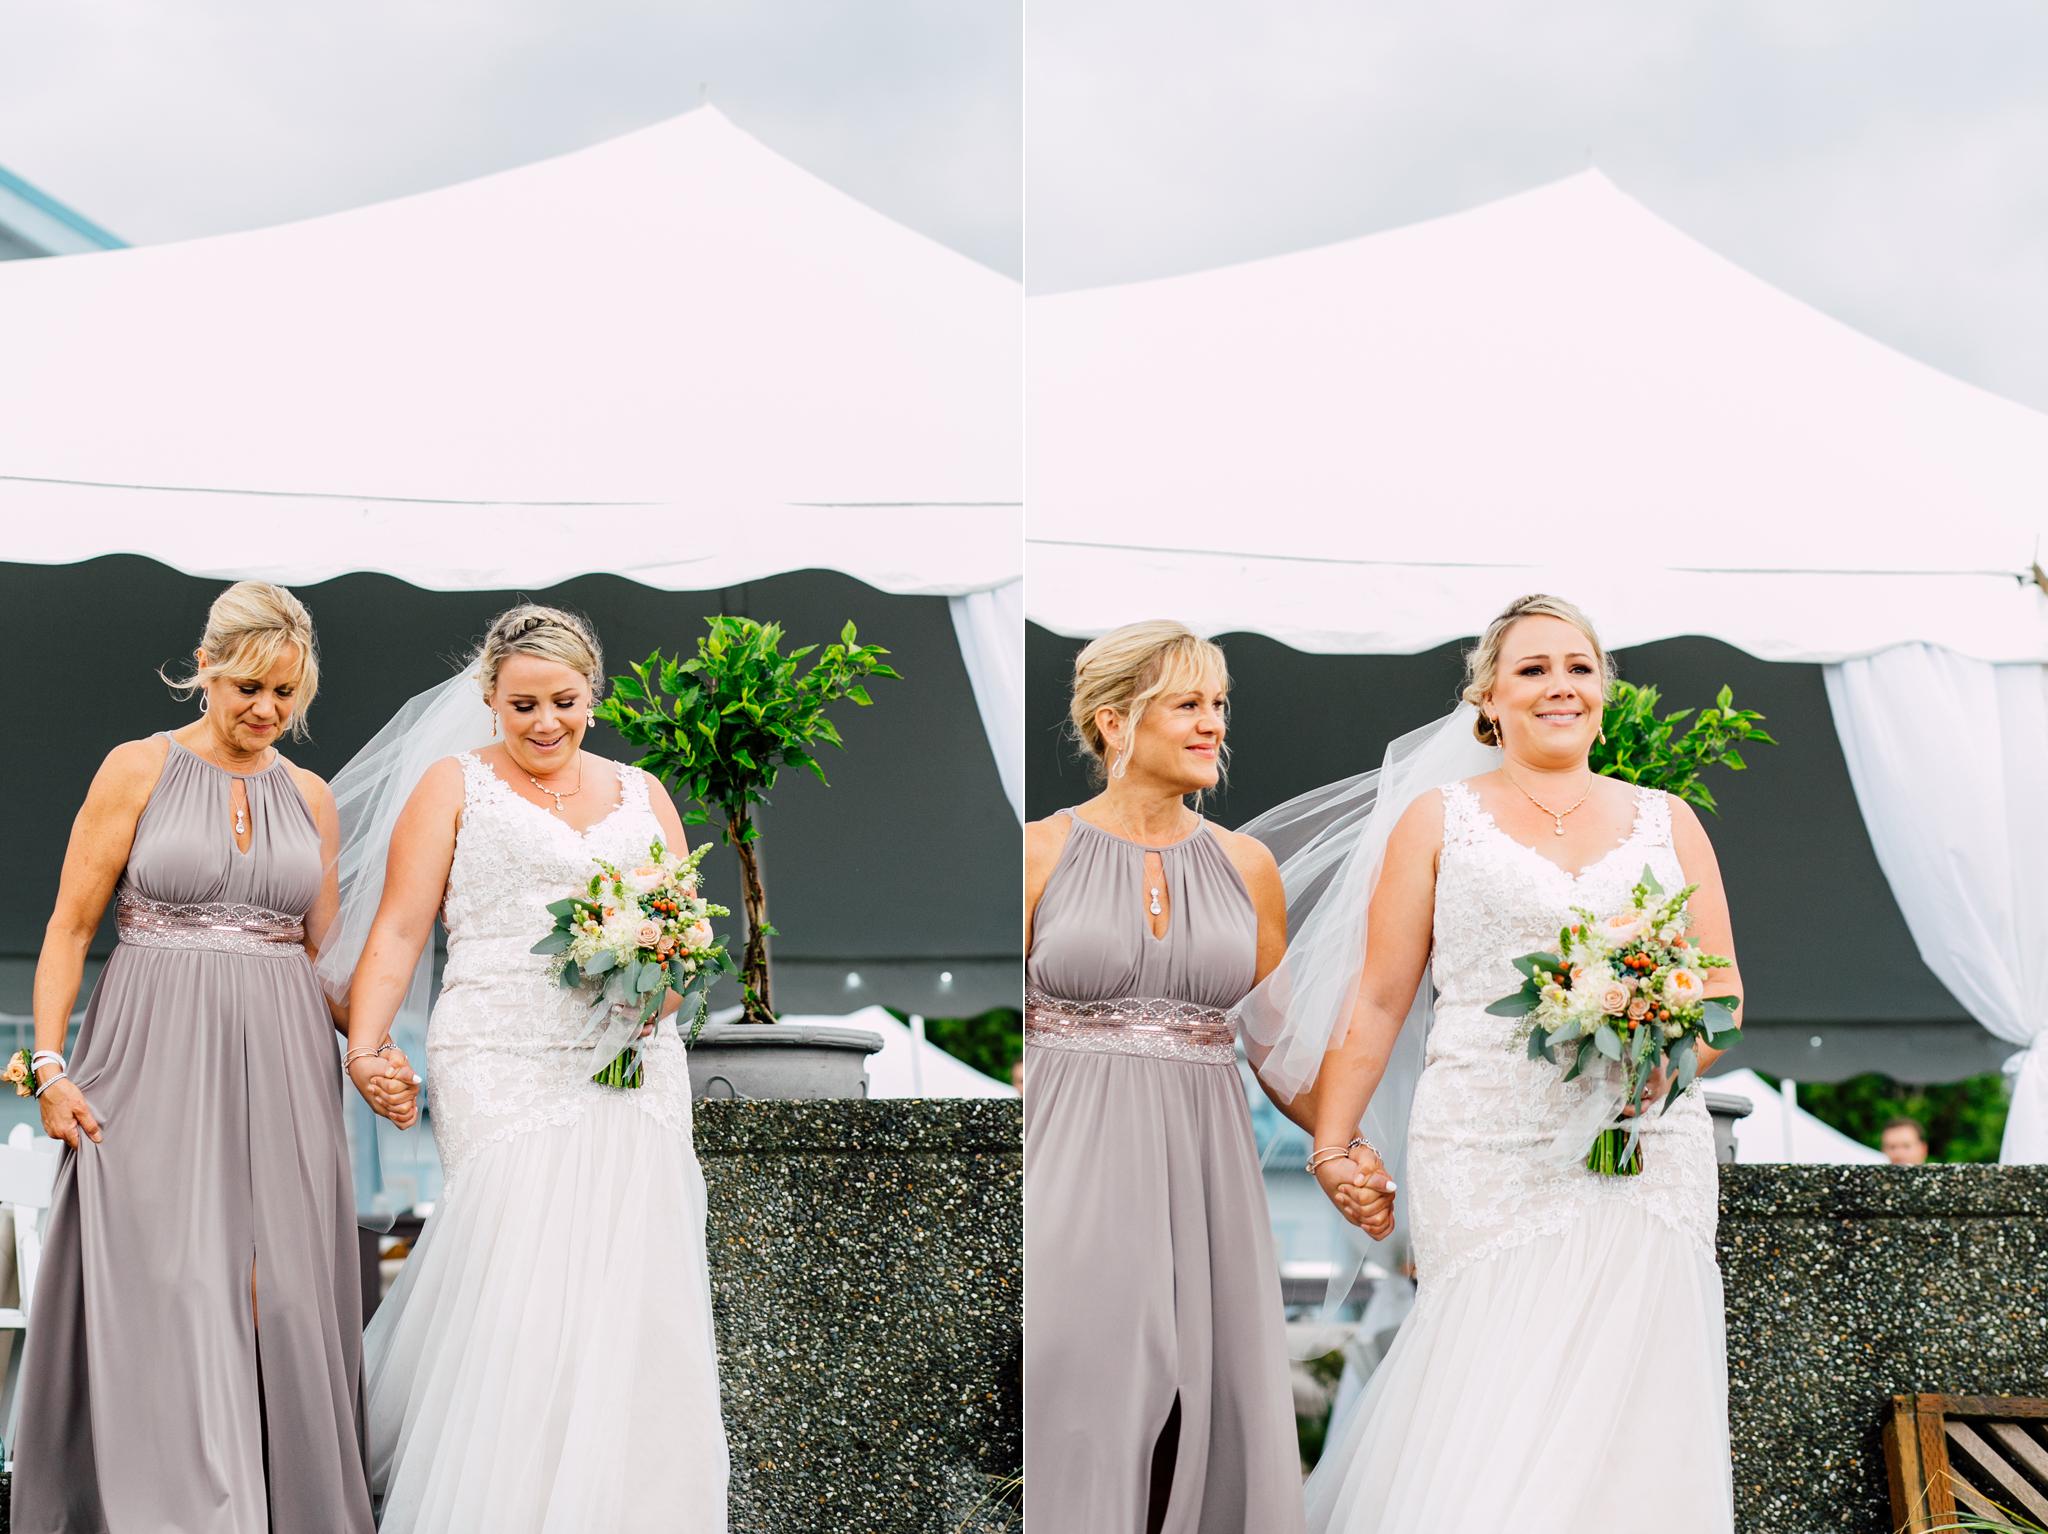 061-bellingham-wedding-photographer-beach-katheryn-moran-elisa-phillip.jpg